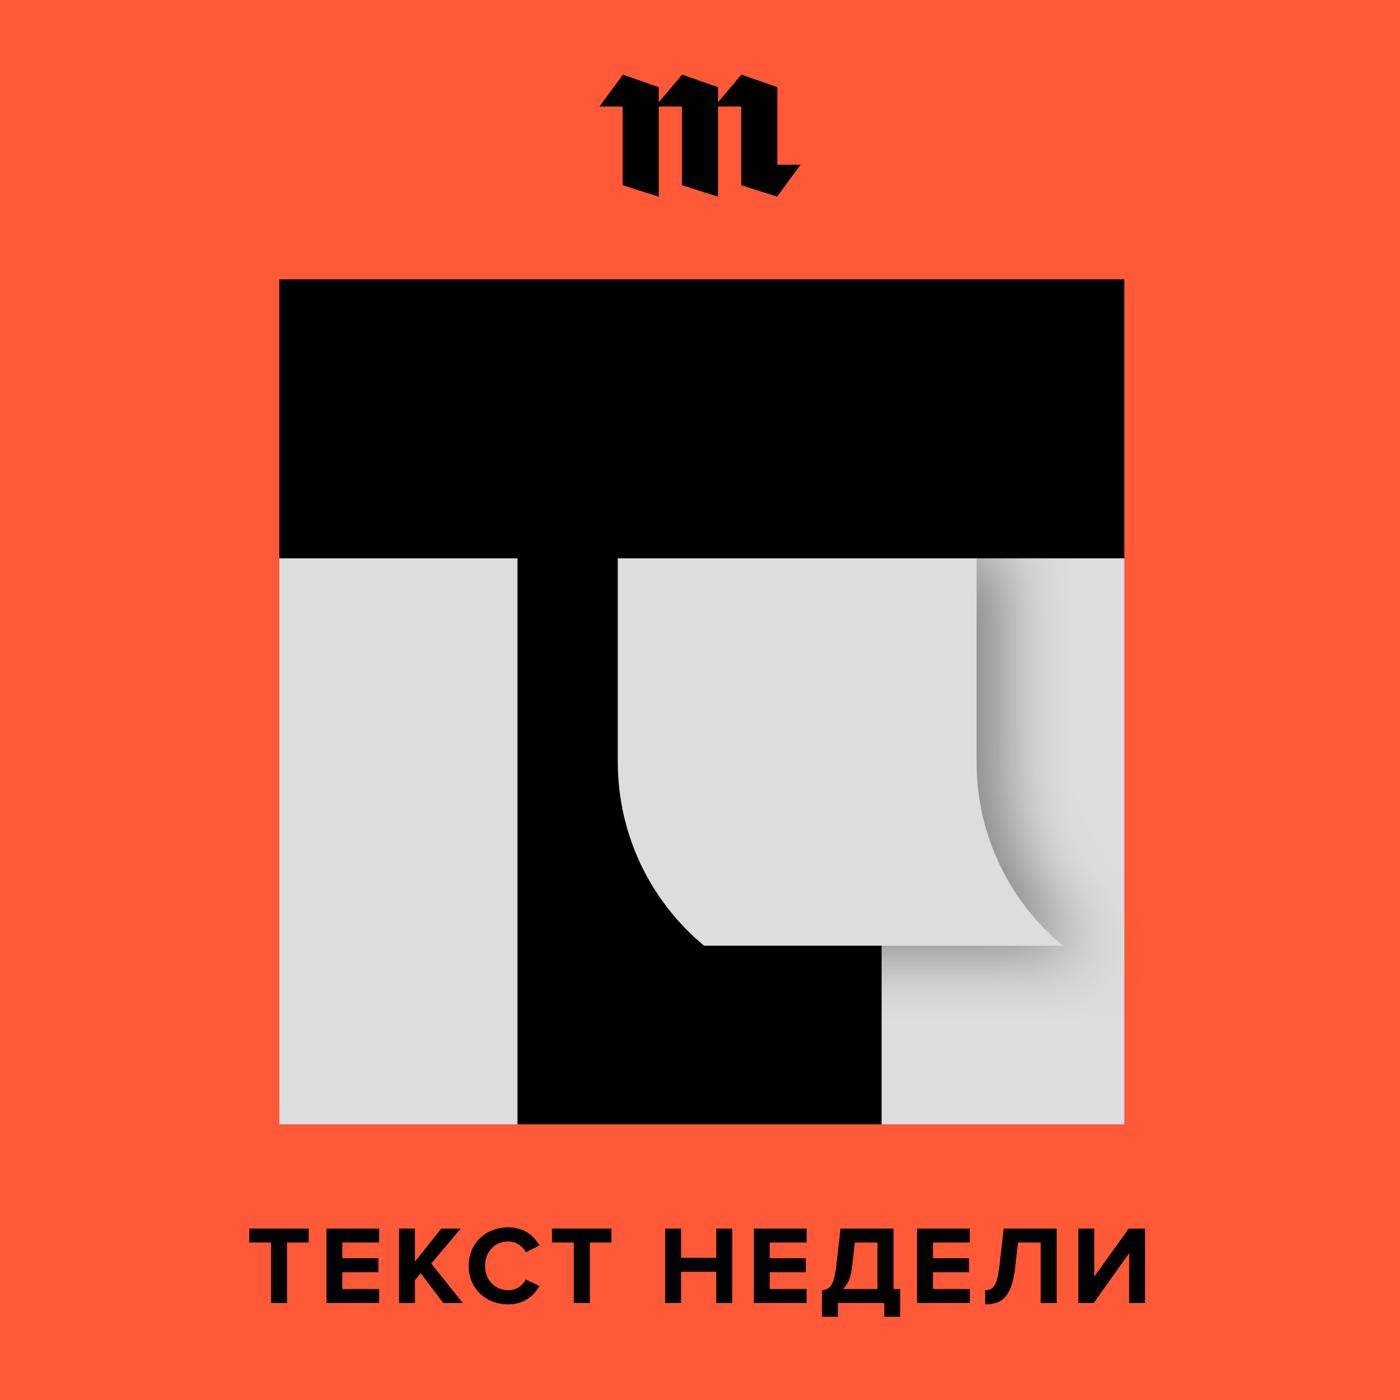 Айлика Кремер Как российские спецслужбы управляют хакерами-патриотами айлика кремер как советские власти расстреляли мирную демонстрацию в новочеркасске